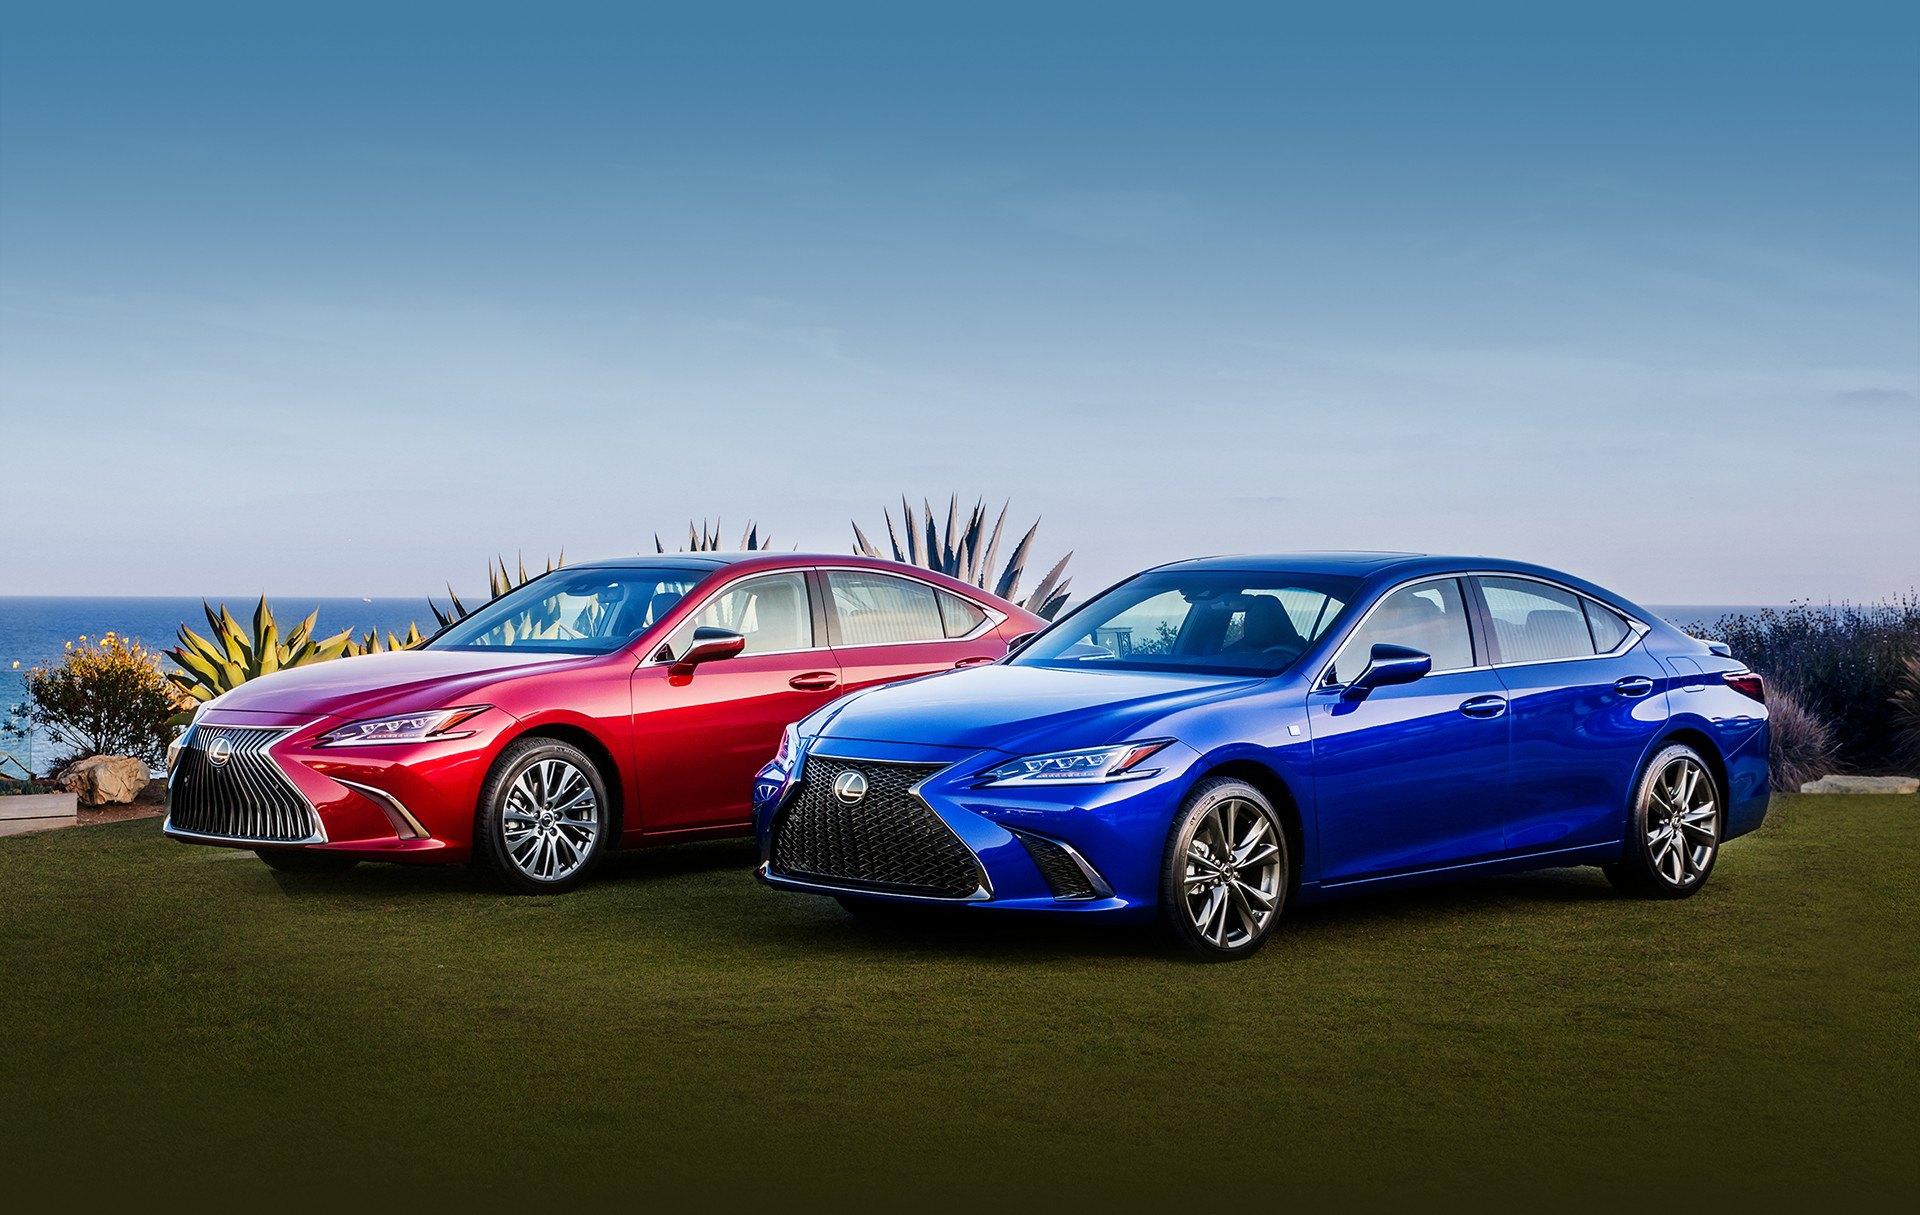 lexus-2019-es-350-matador-red-ultra-blue-mica-x